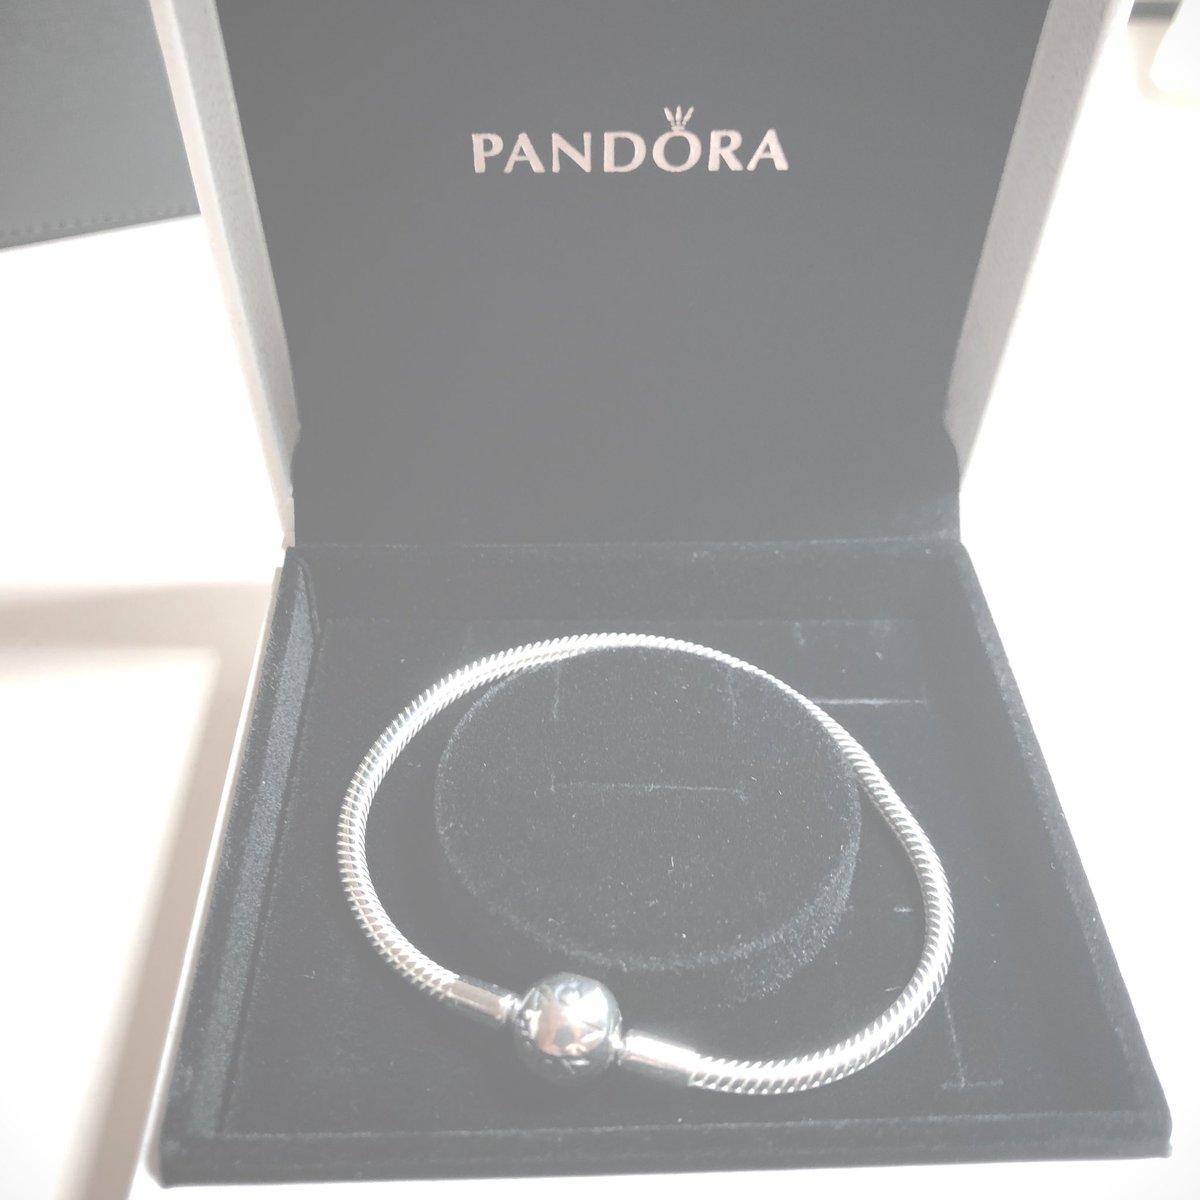 Hadiah gelang PANDORA untuk Taehyun TXT. (Twitter @PetillanteTH_02)